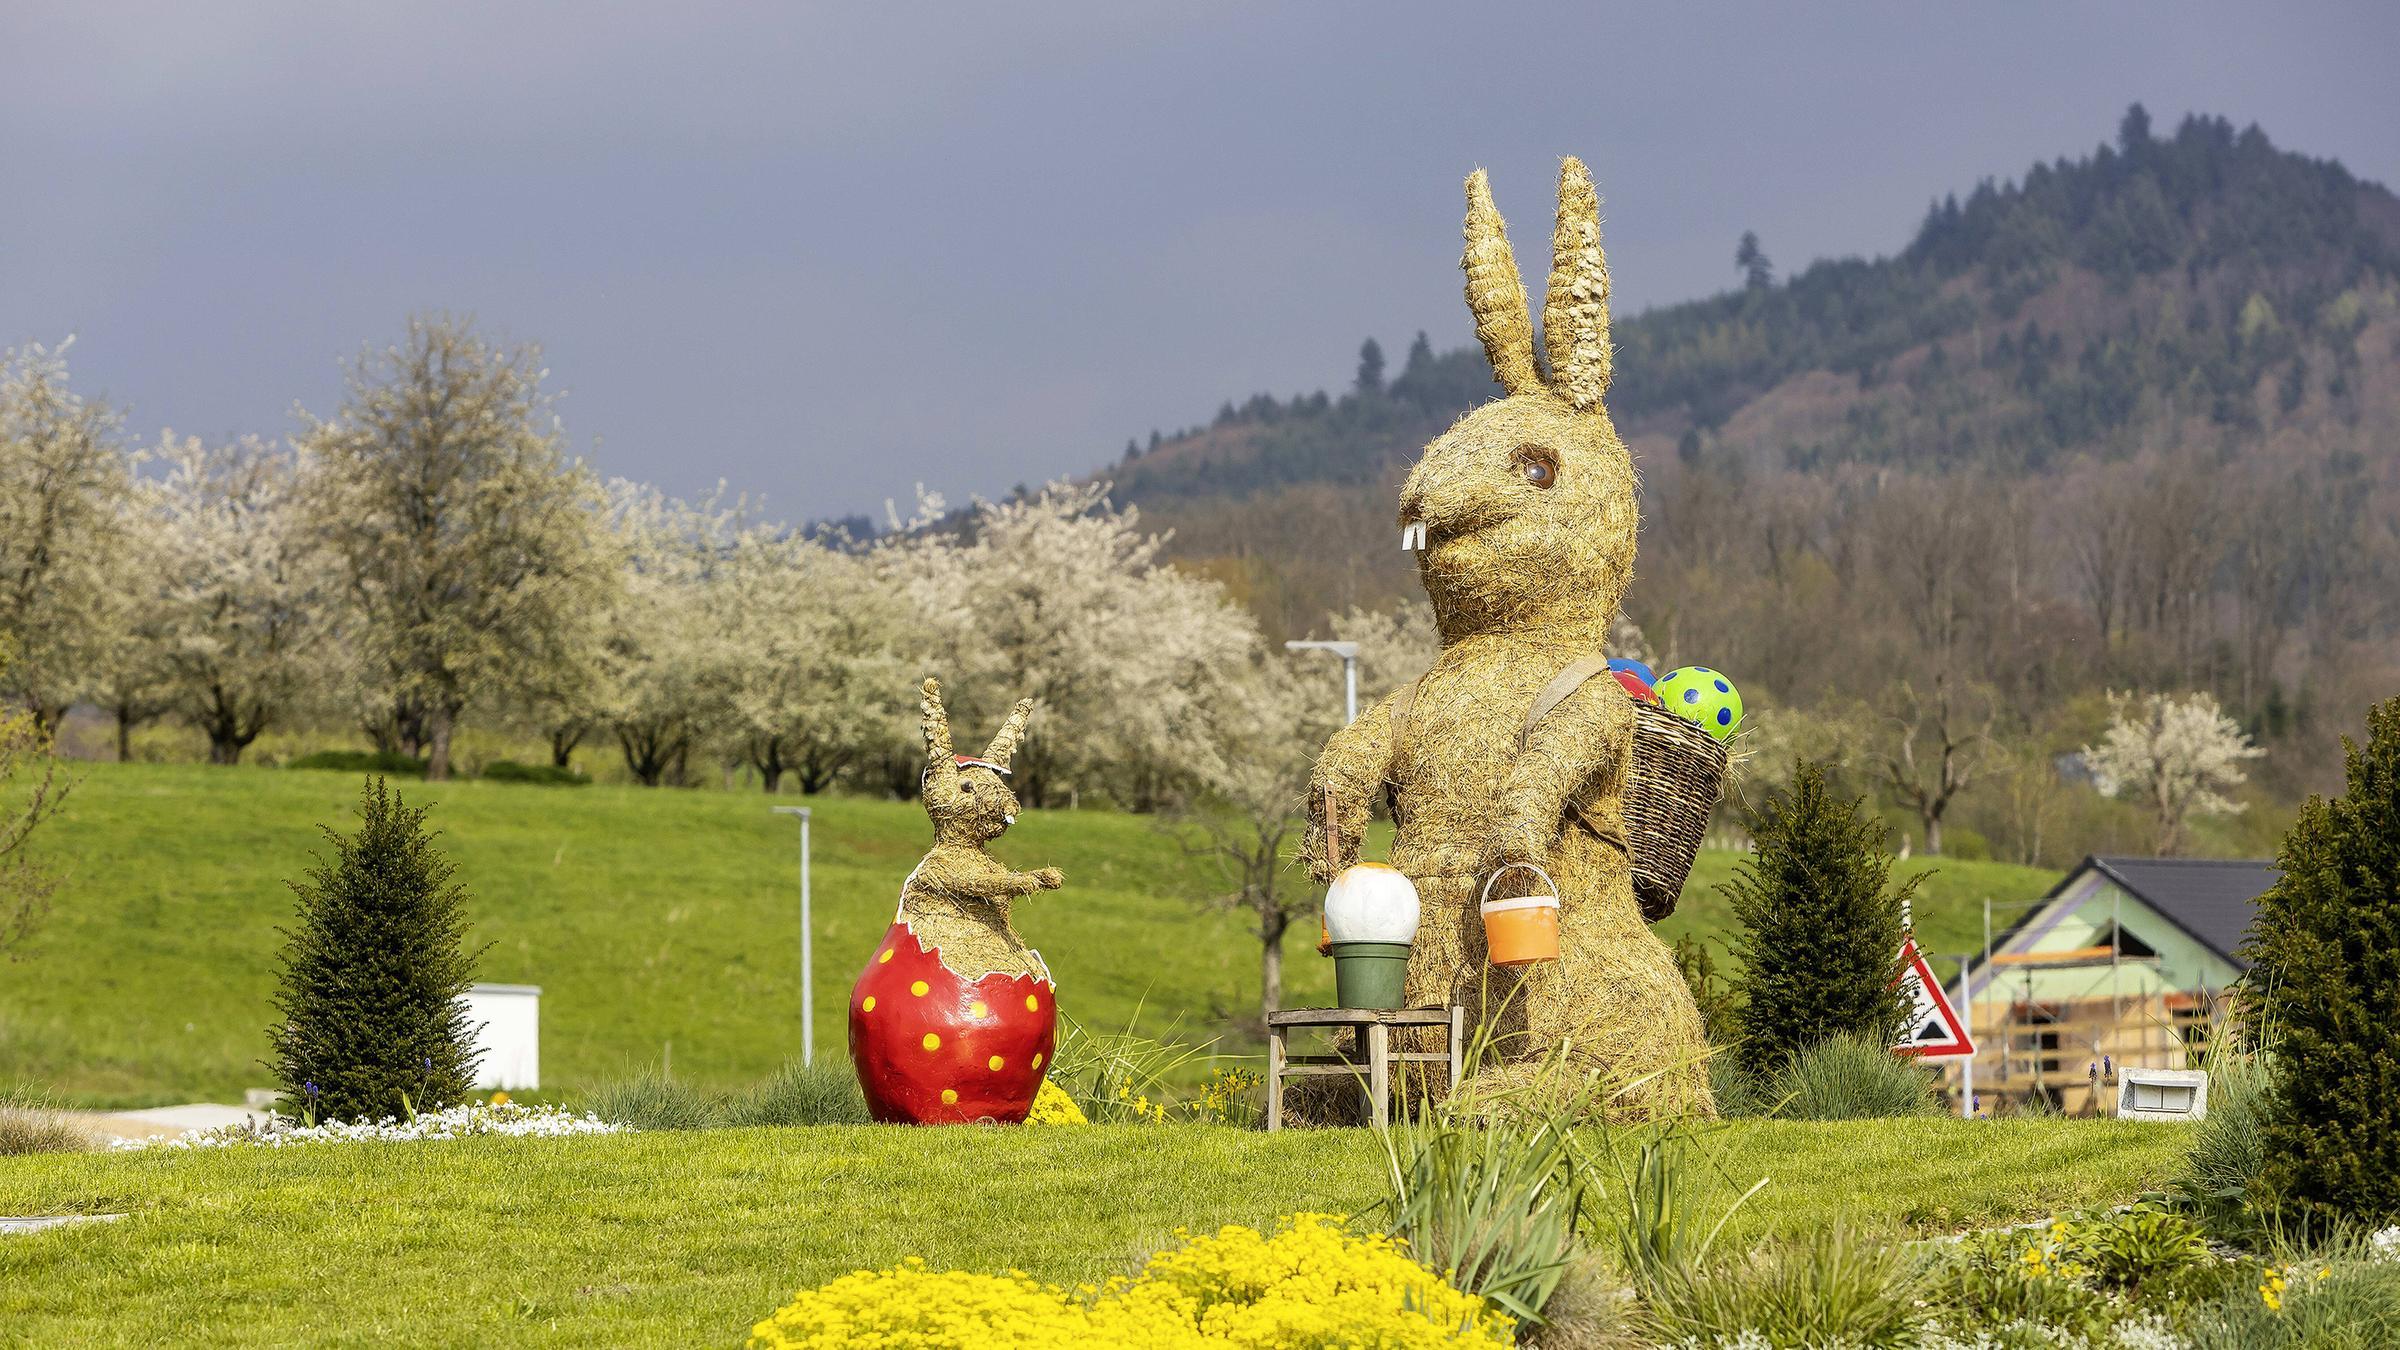 Das Wird An Ostern Gefeiert Mehr Als Schokohase Und Eier Im Nest